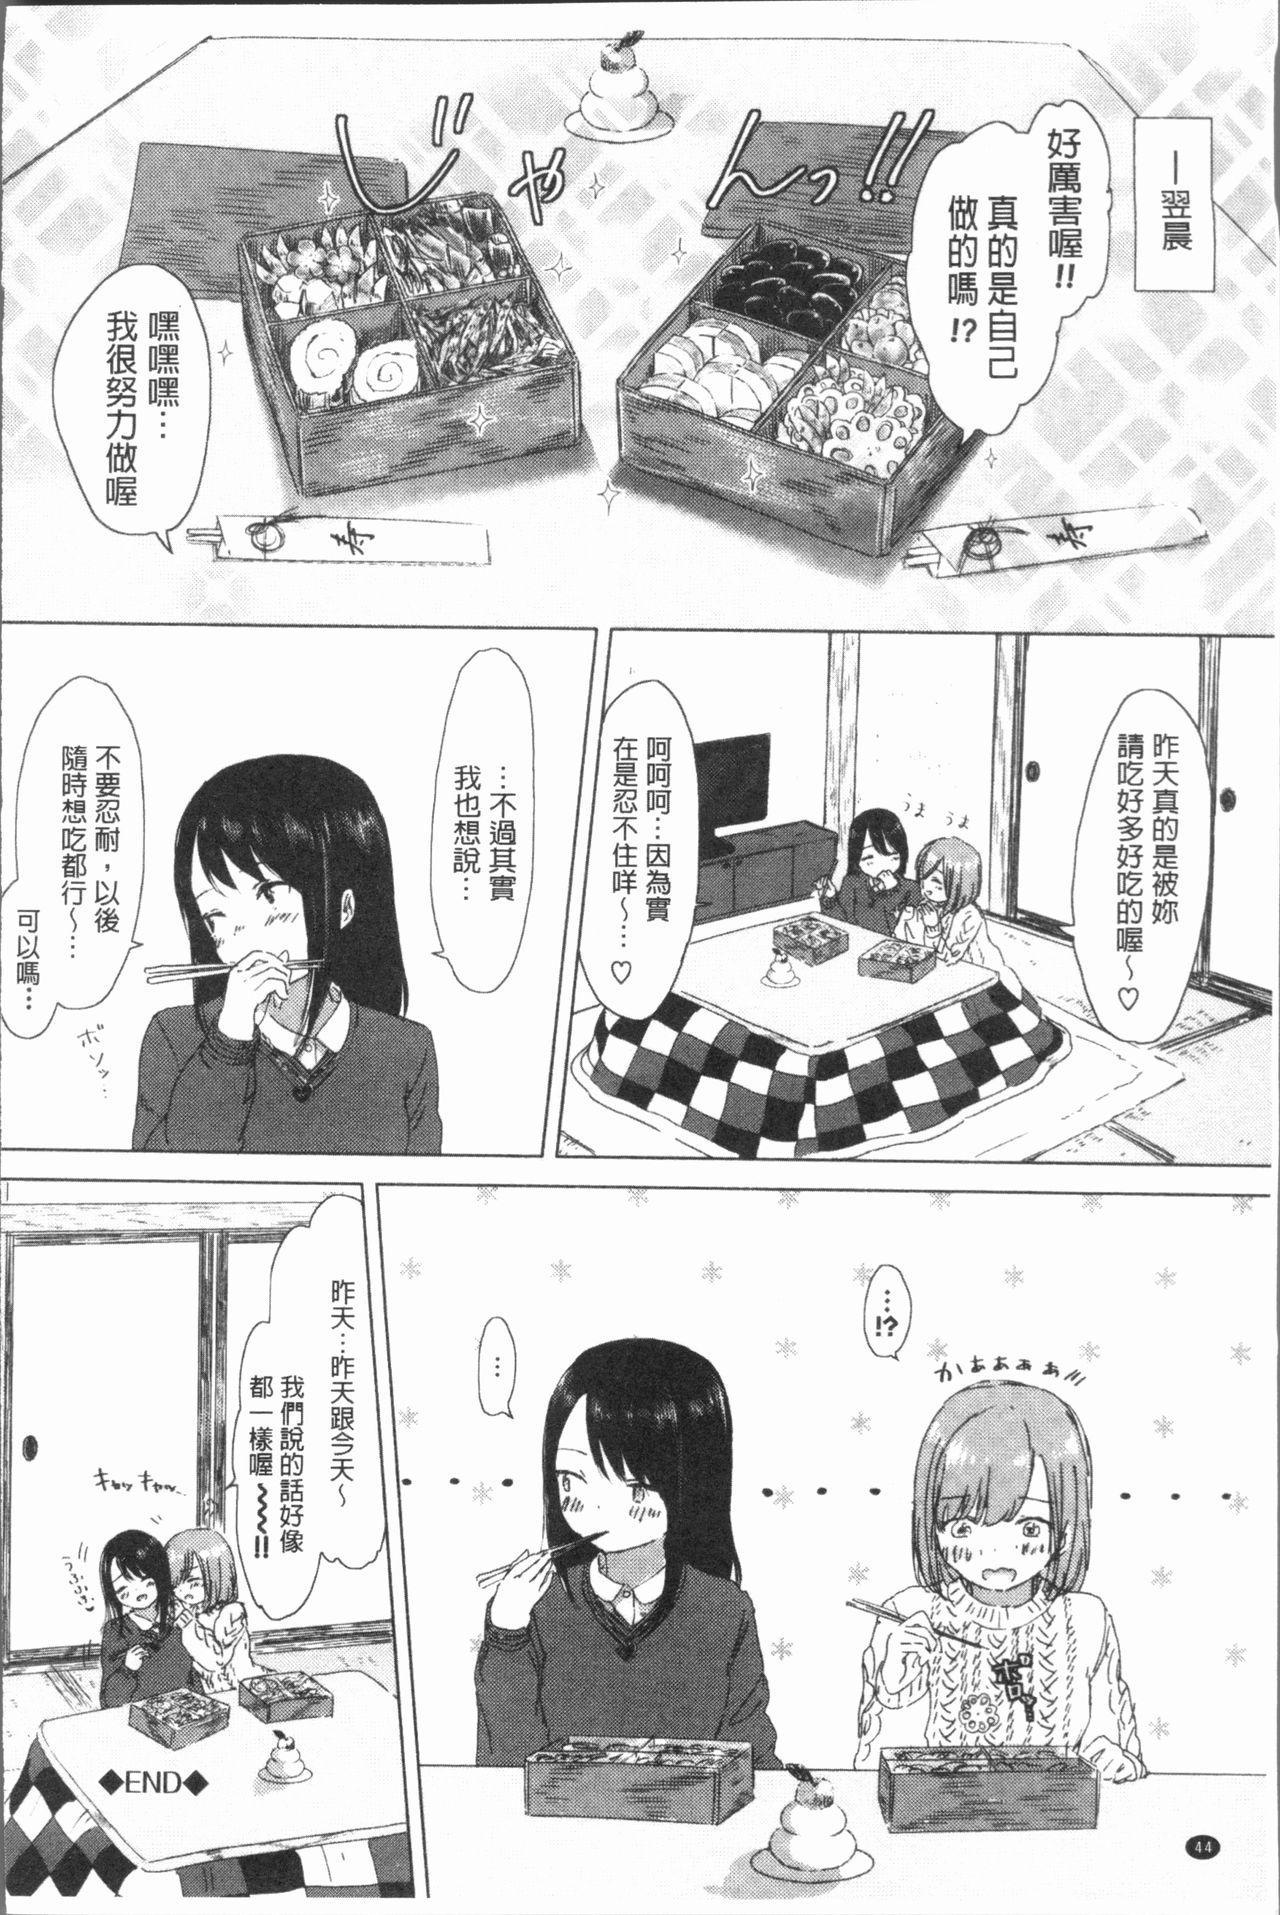 Yuri no Tsubomi ga Saku Koro ni 51